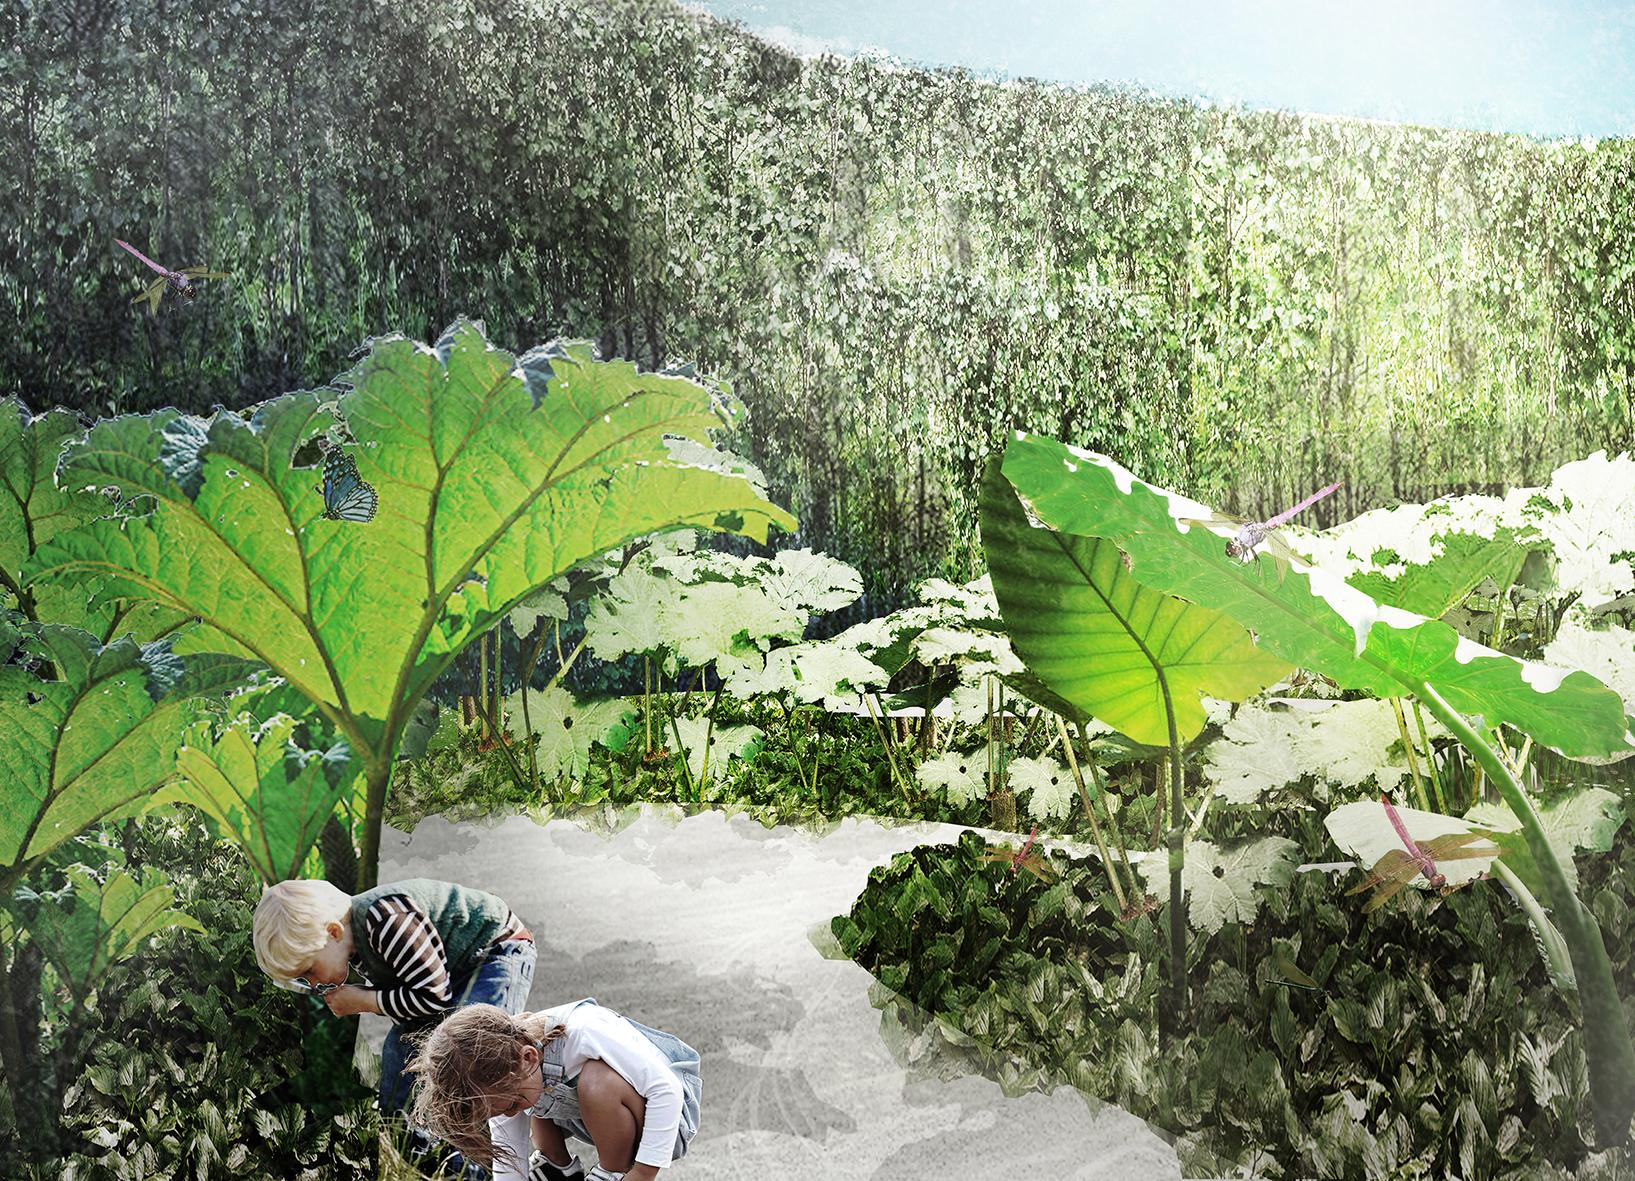 Rendering, H.C.Andersen Haven The Giant garden © Kengo Kuma & Associates